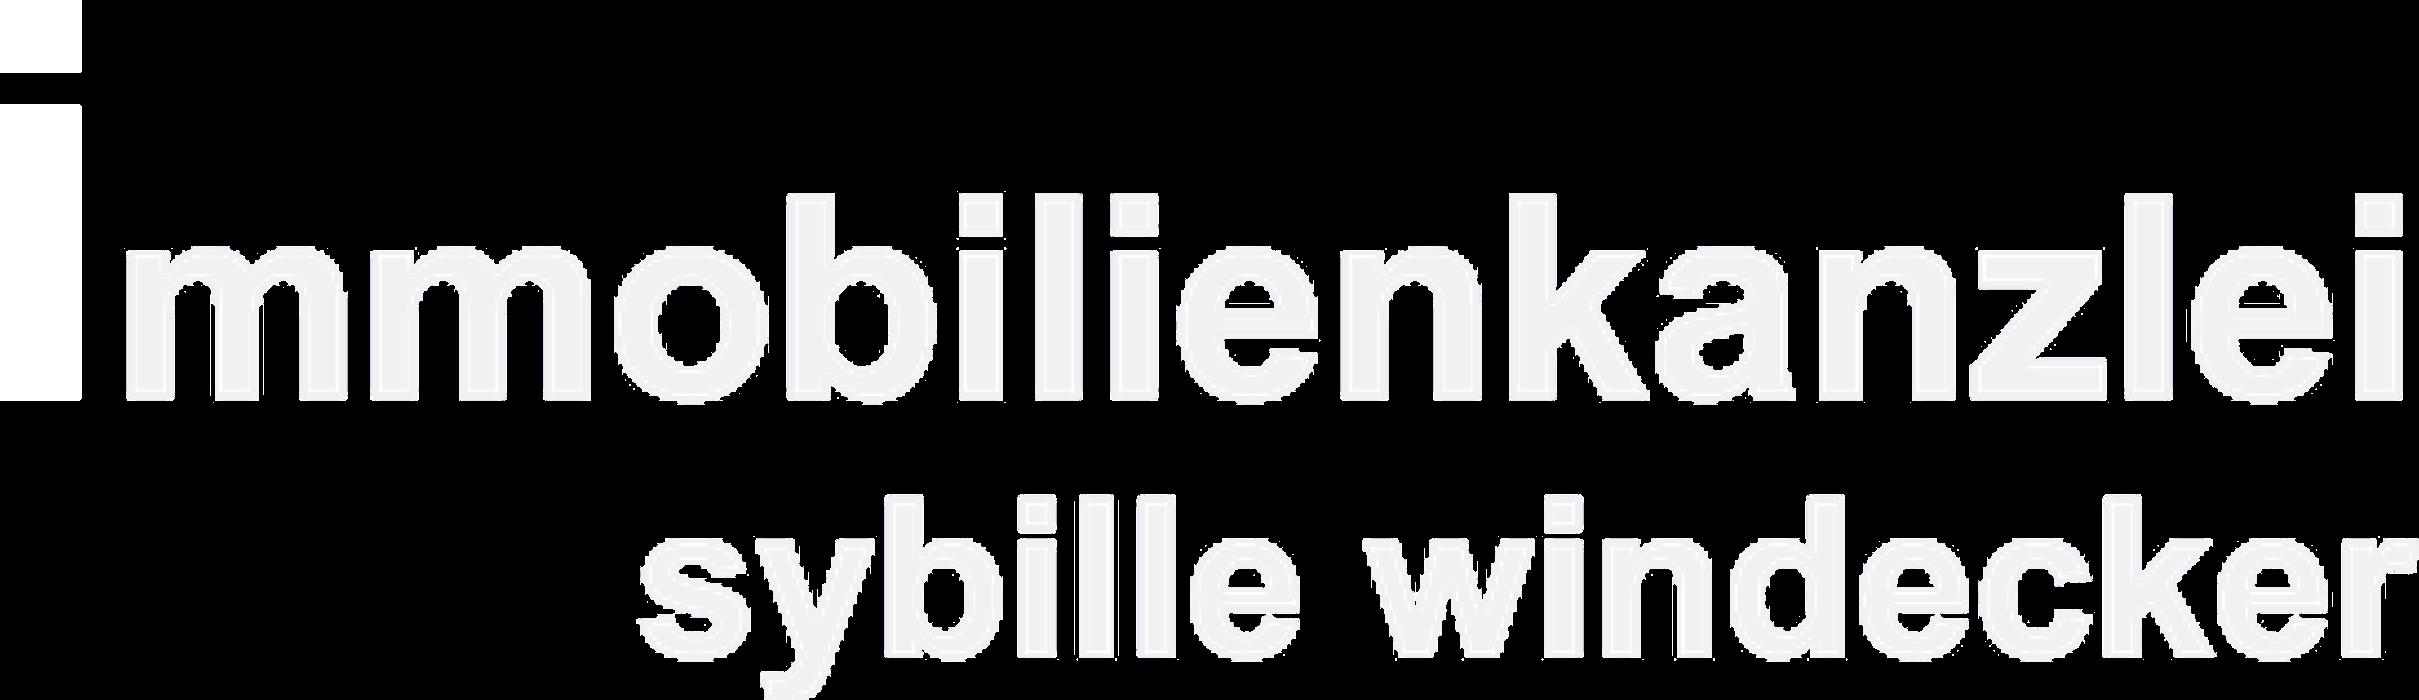 Bild zu Immobilienkanzlei sybille windecker in Esslingen am Neckar